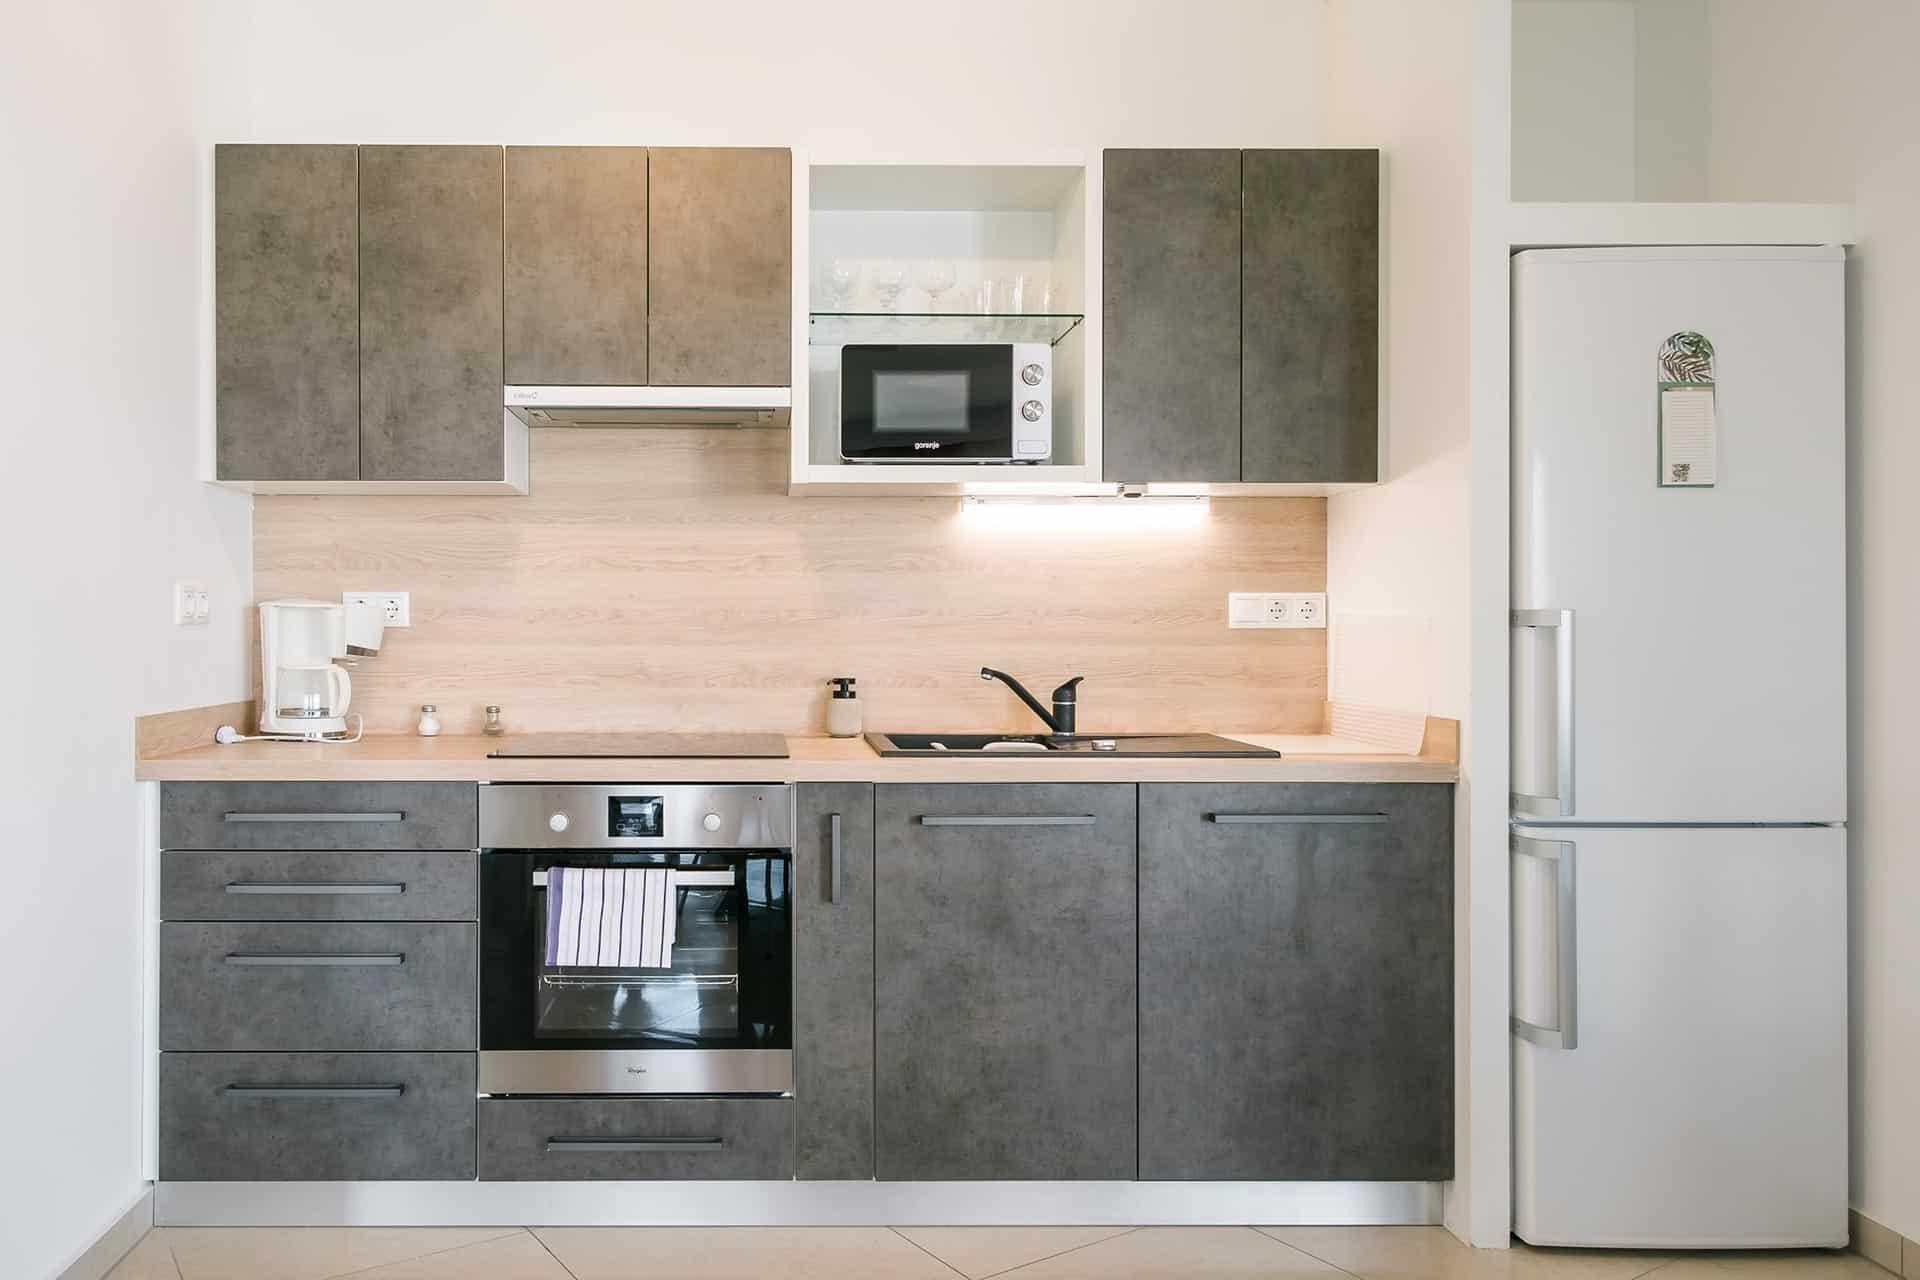 Prémium minőségű vízparti balatoni panorámás Apartmanok Keszthely - konyha.